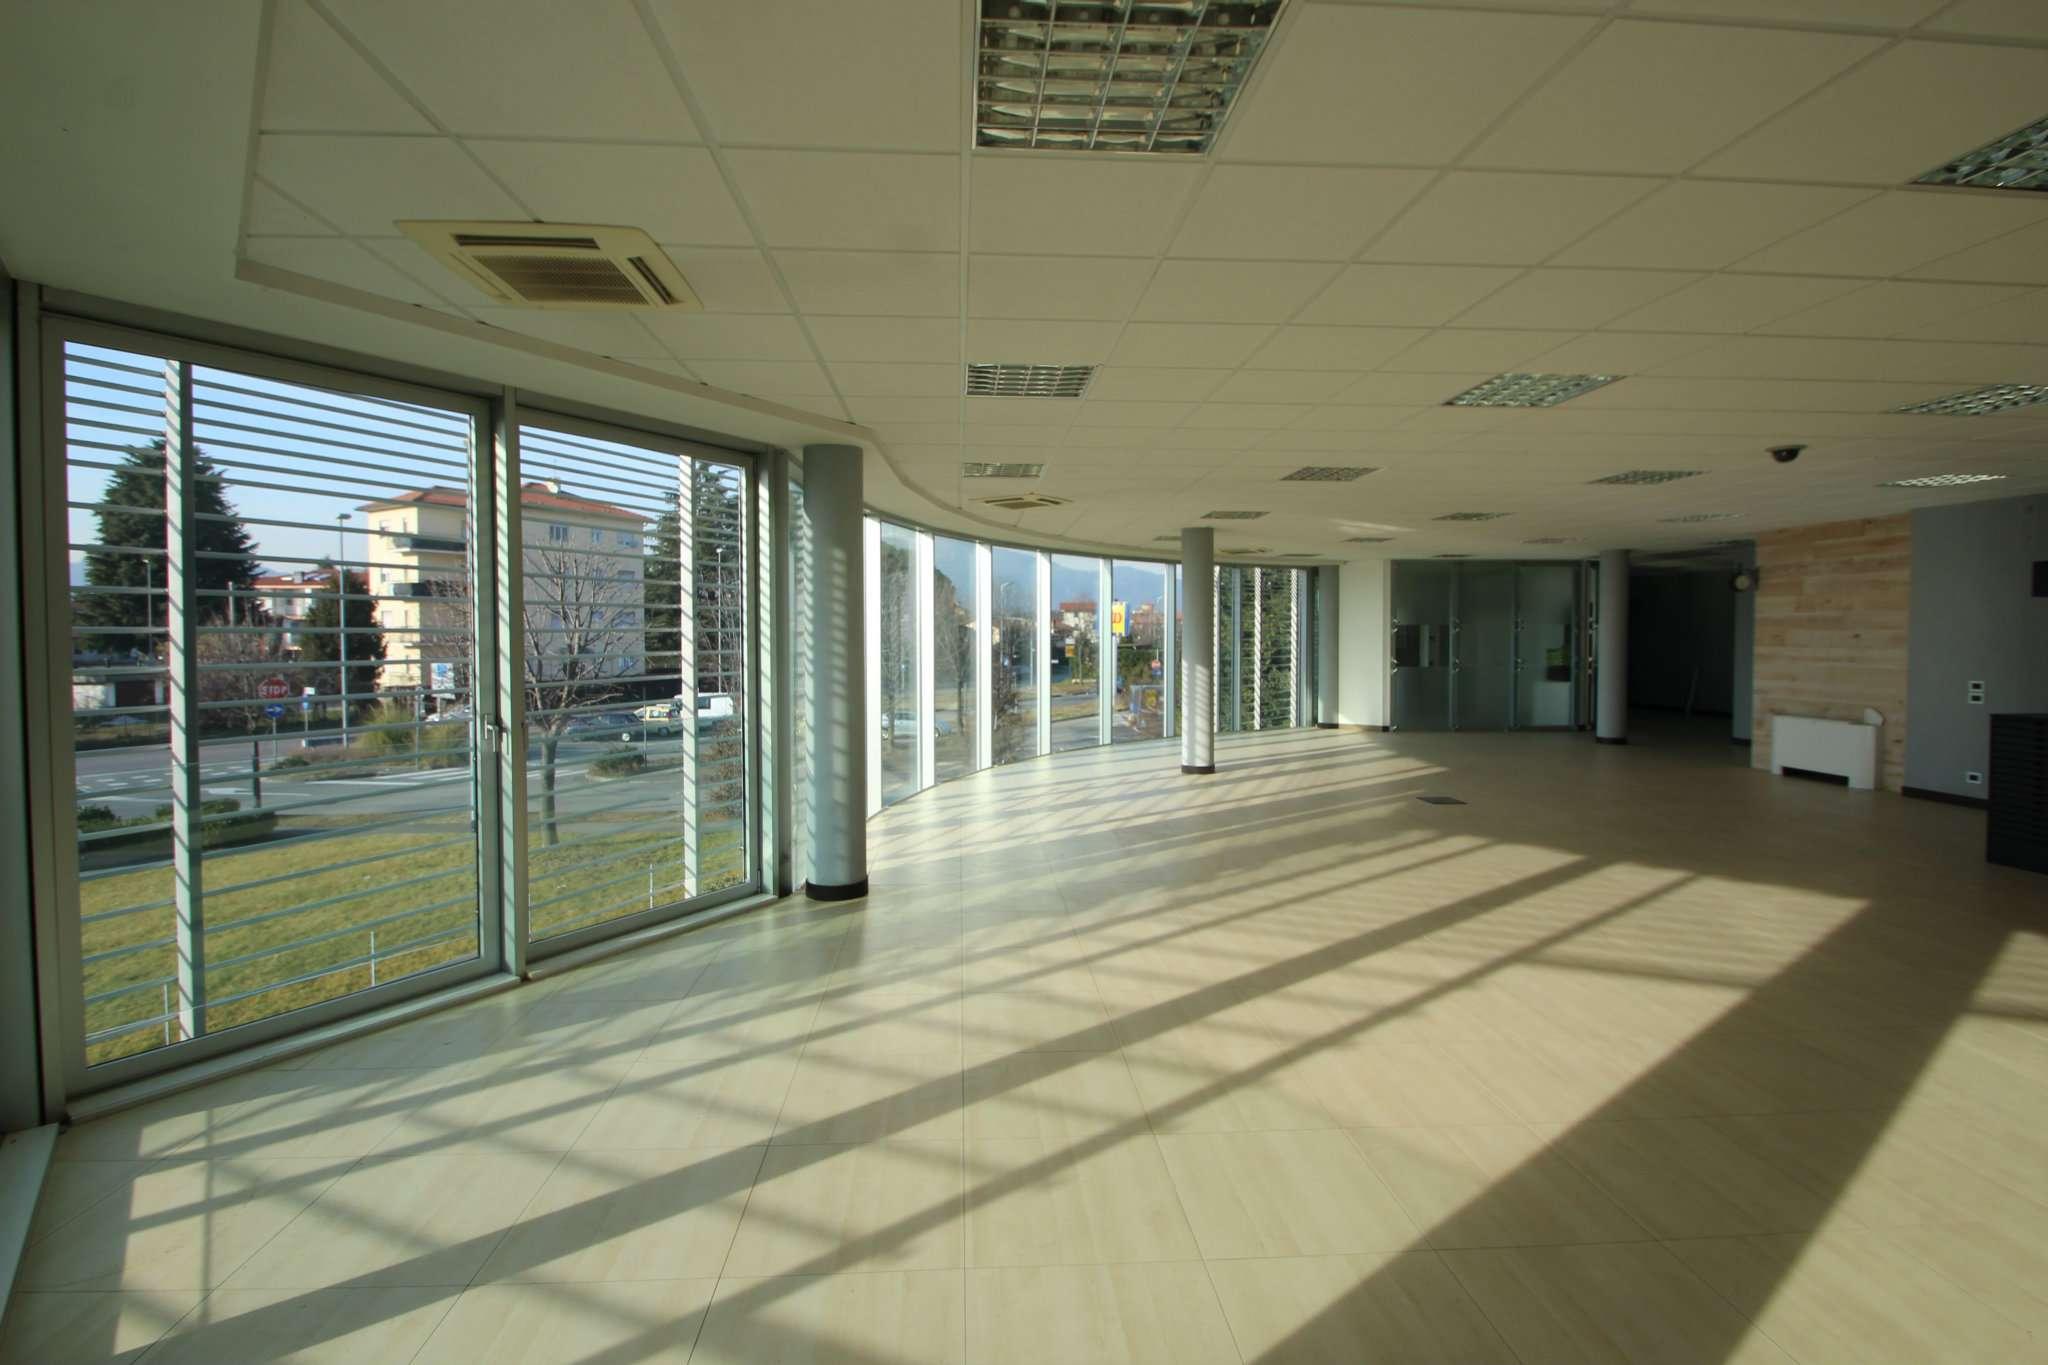 Ufficio / Studio in affitto a Bonate Sopra, 1 locali, prezzo € 1.800 | PortaleAgenzieImmobiliari.it